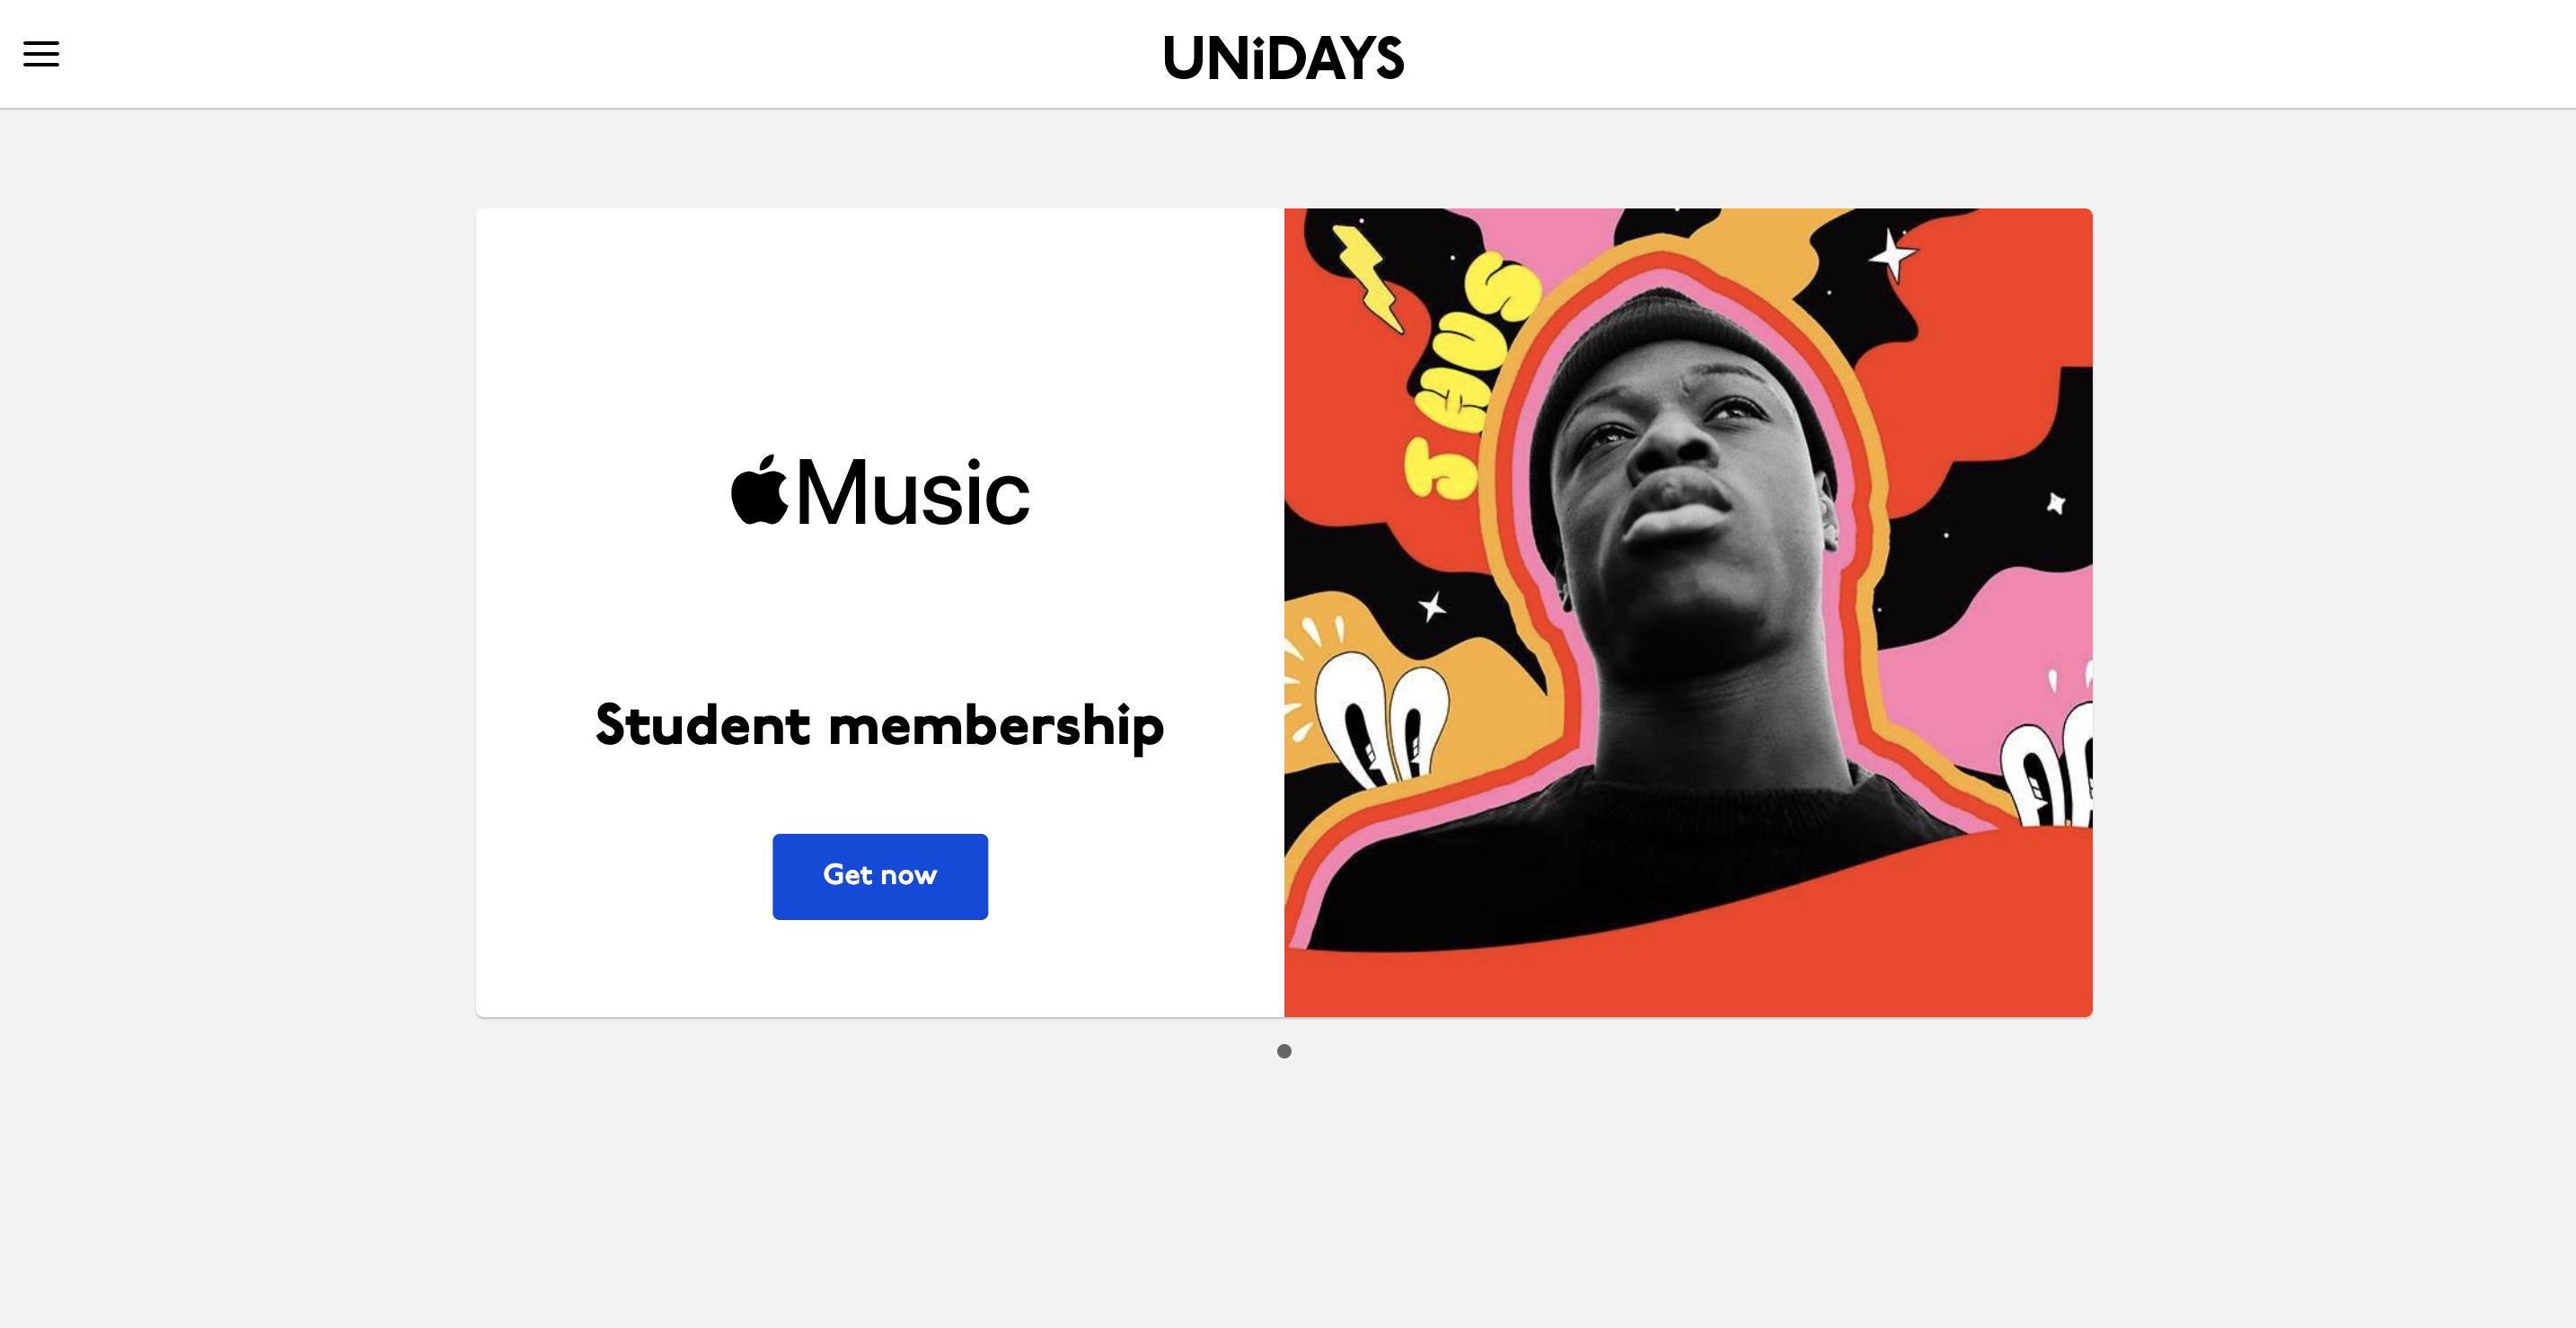 Студенческая подписка Unidays